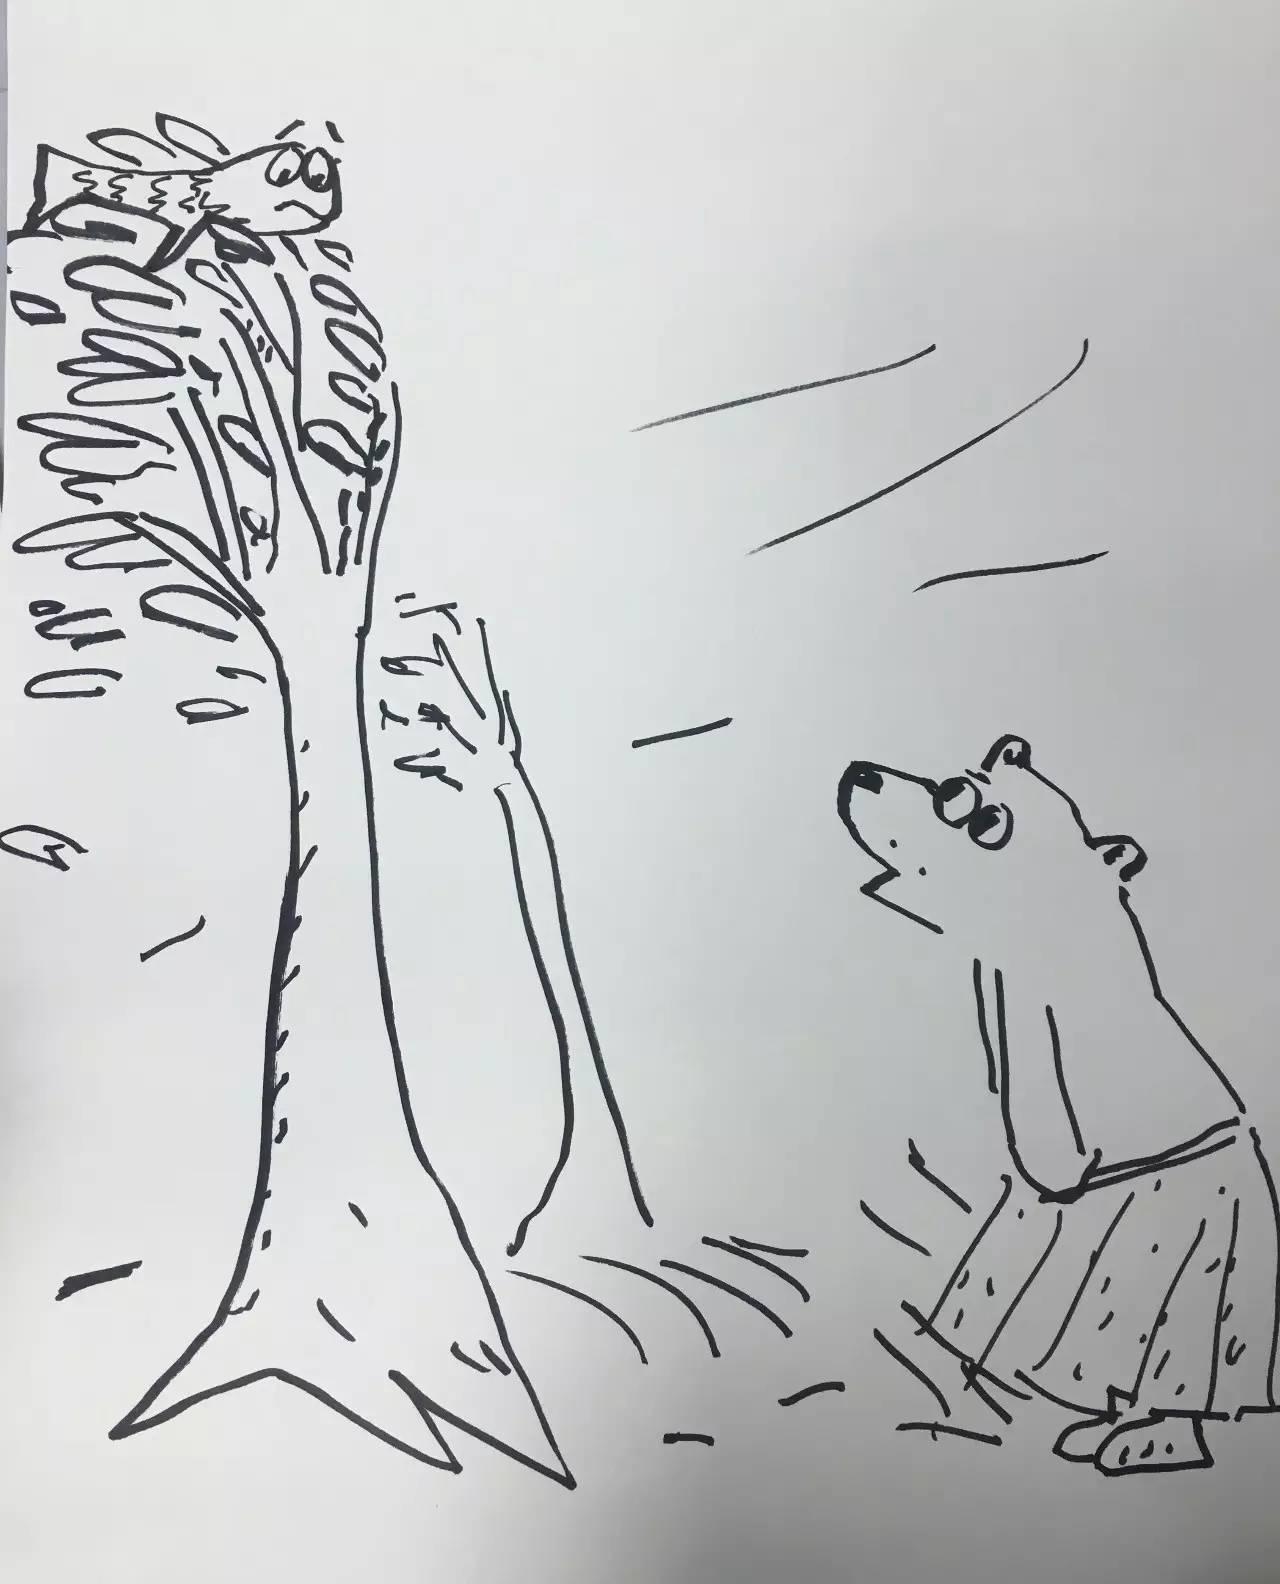 大风简笔画-对谈绘本大师卡特琳娜 沃尔克斯